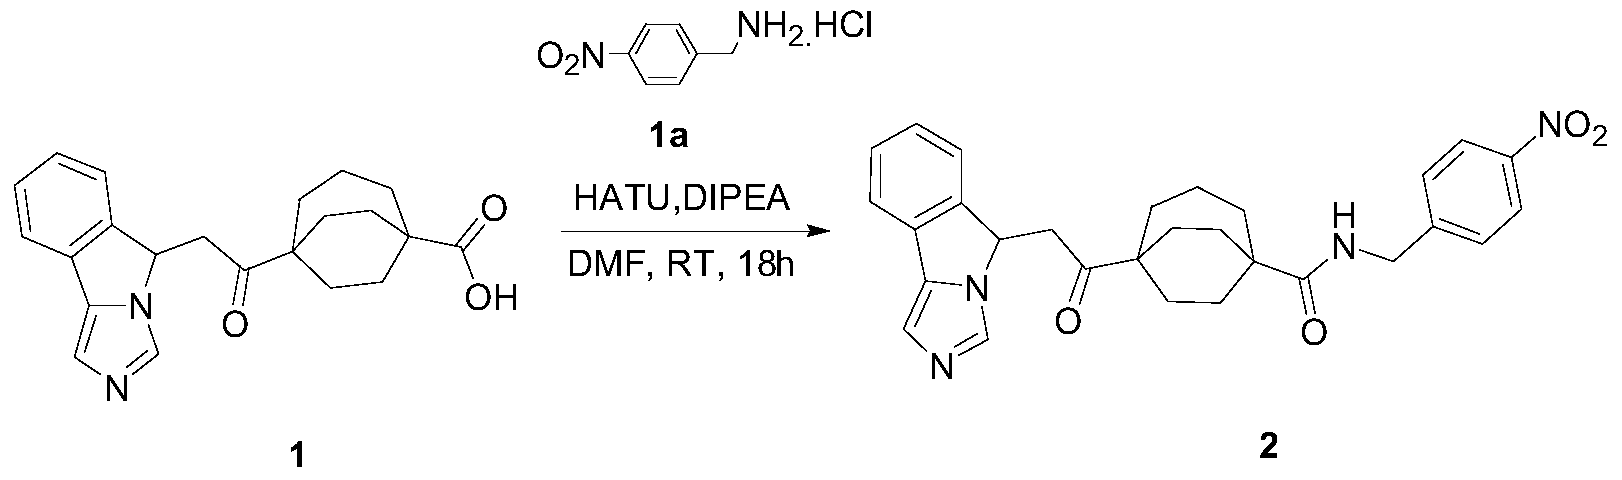 Figure PCTCN2017084604-appb-000152